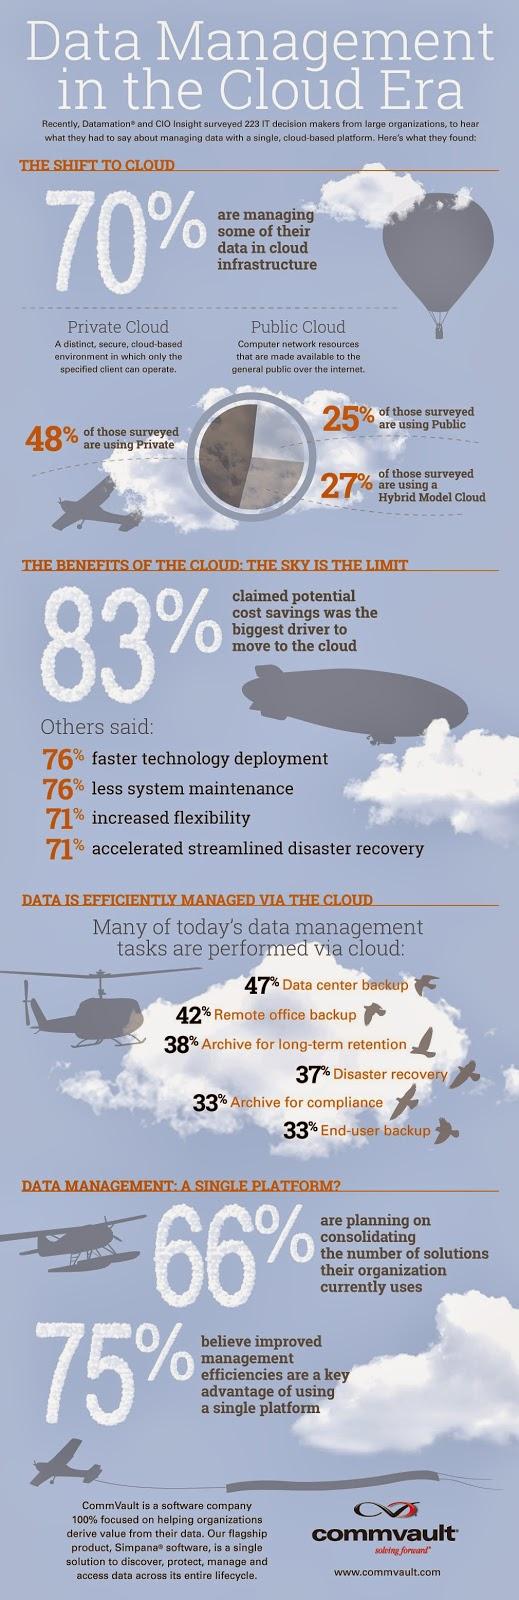 CommVault cloud data management infographic